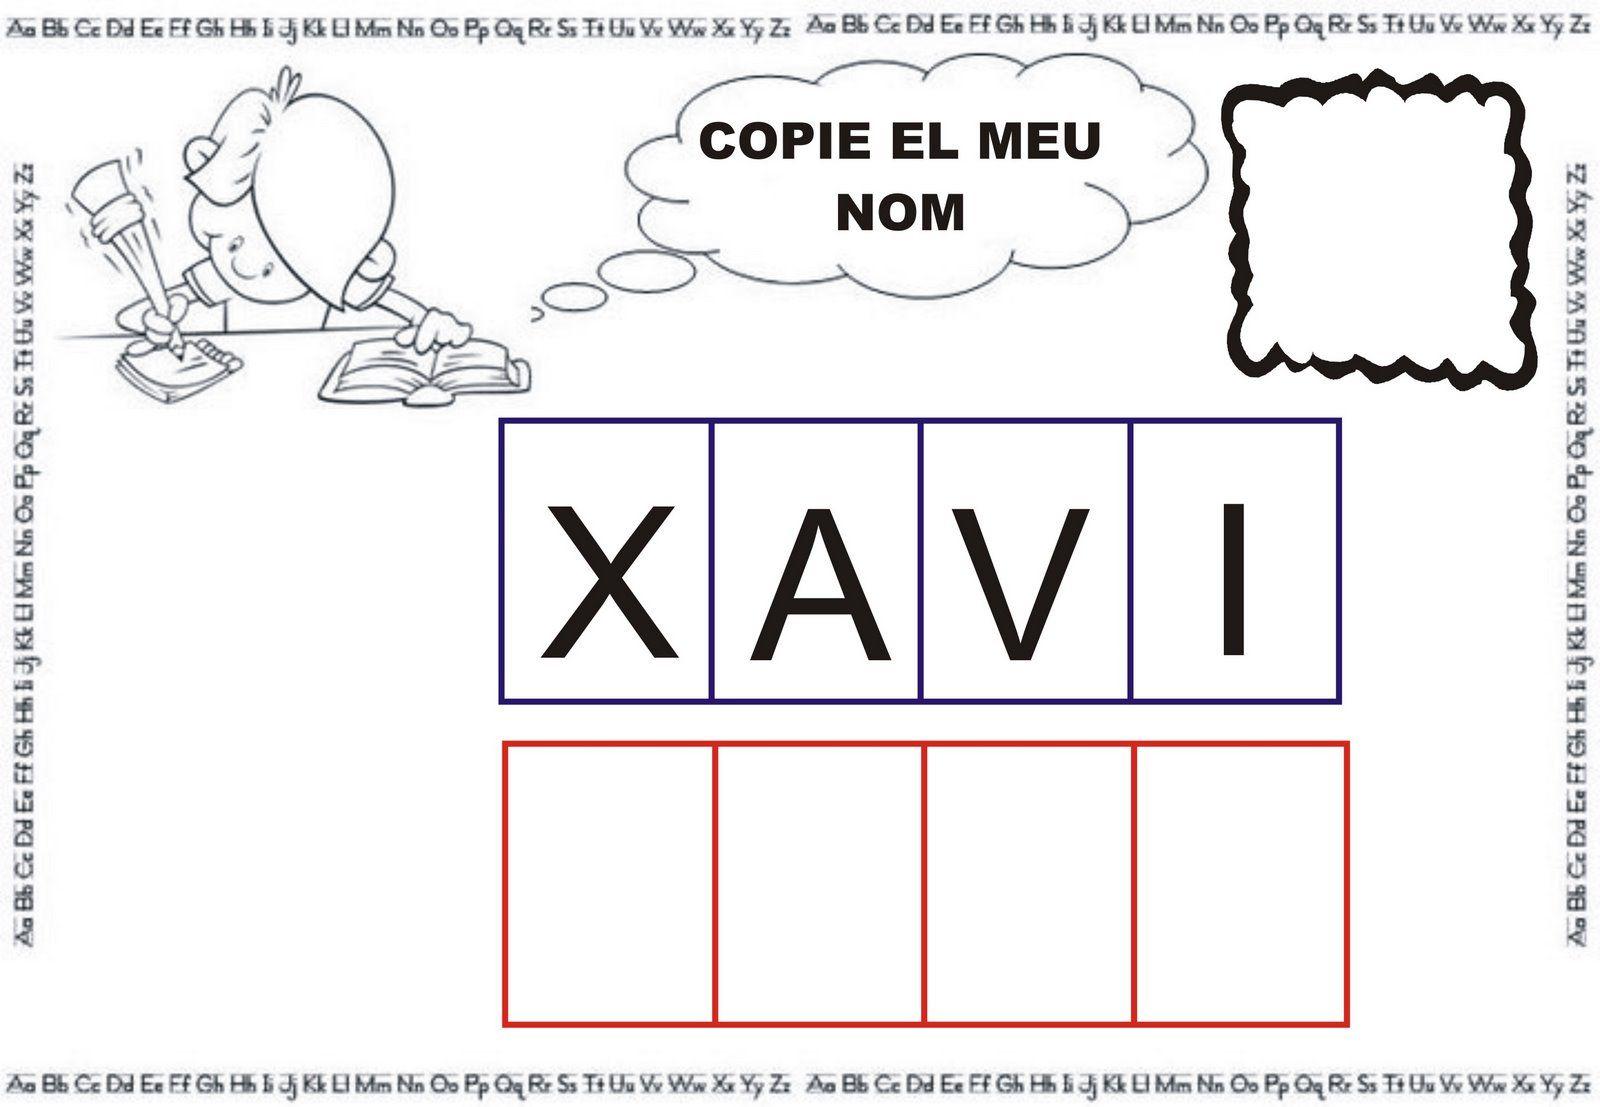 COPIE+EL+MEU+NOM+2.jpg (1600×1107)